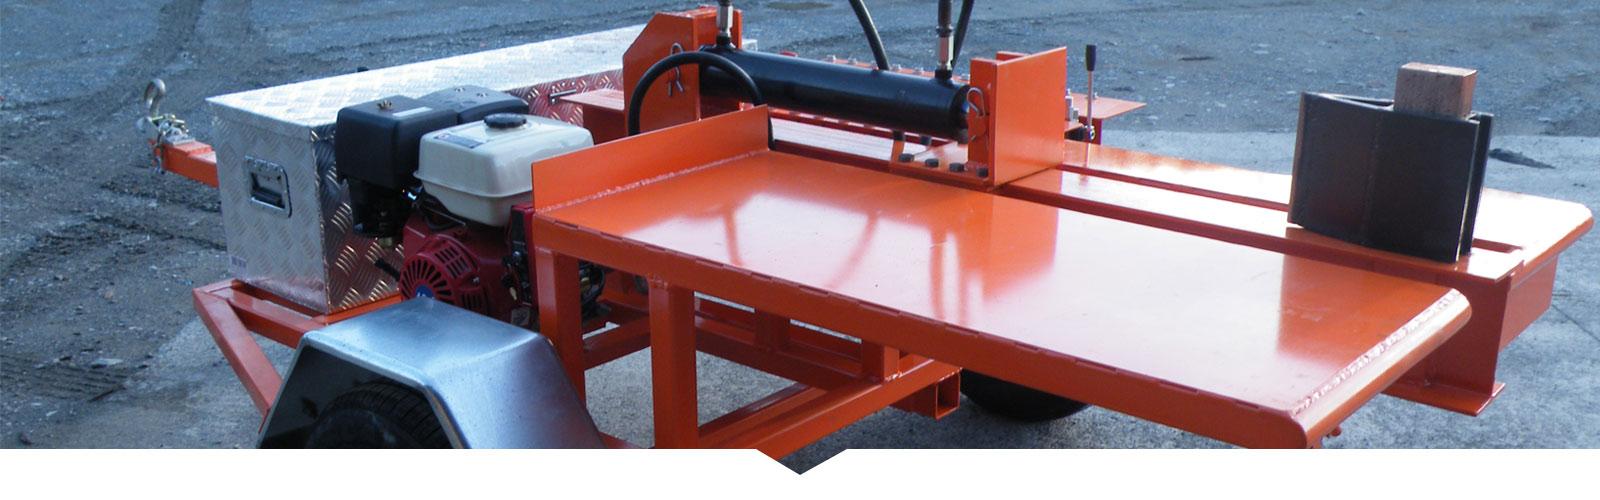 Close up of custom trailer for log spliter.